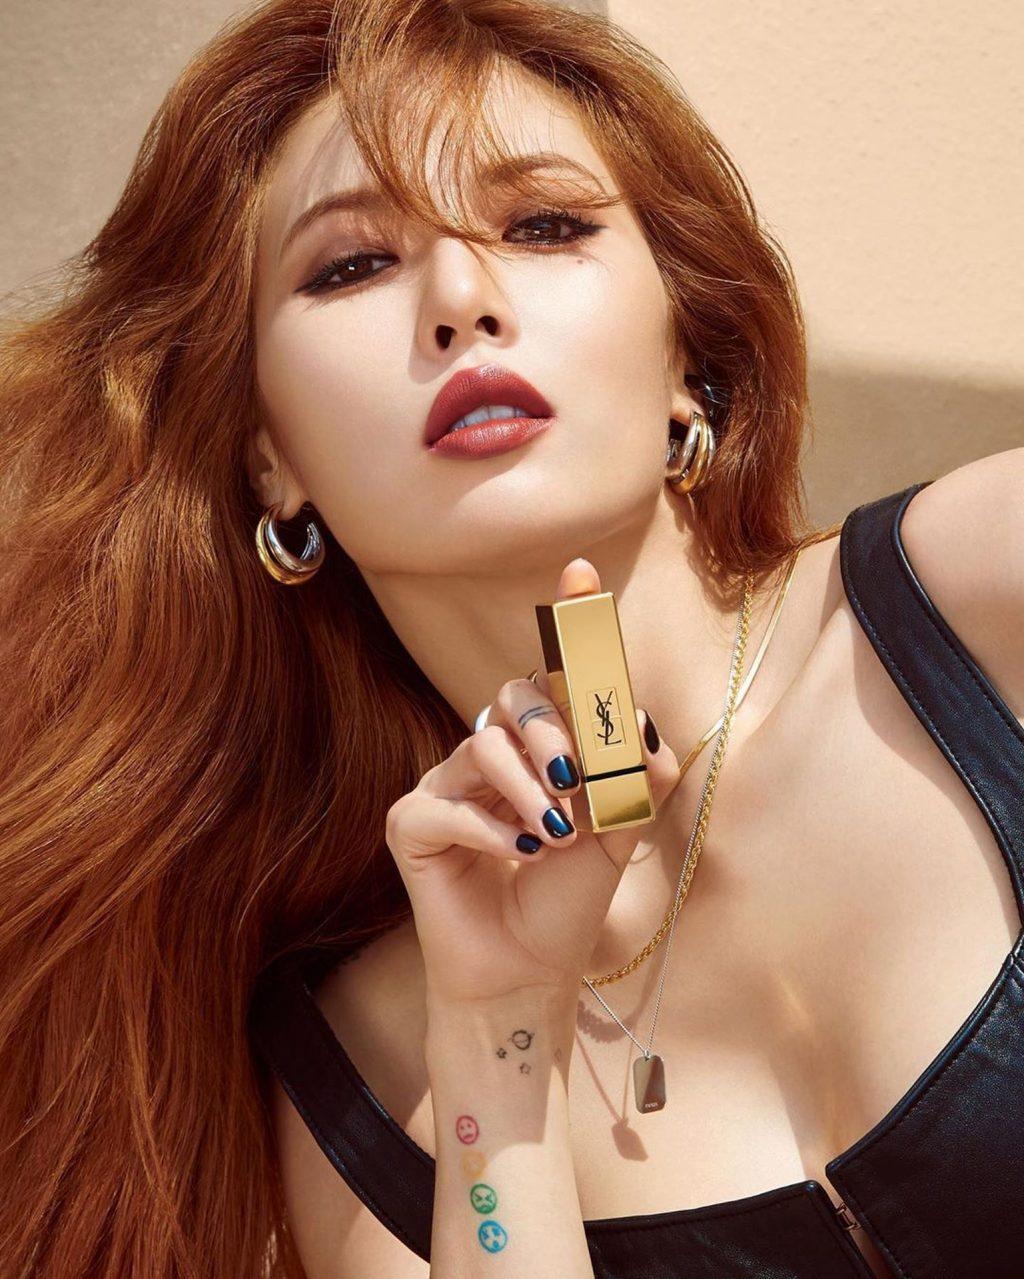 Hyuna's Hot Collection (11 Photos + GIFs)